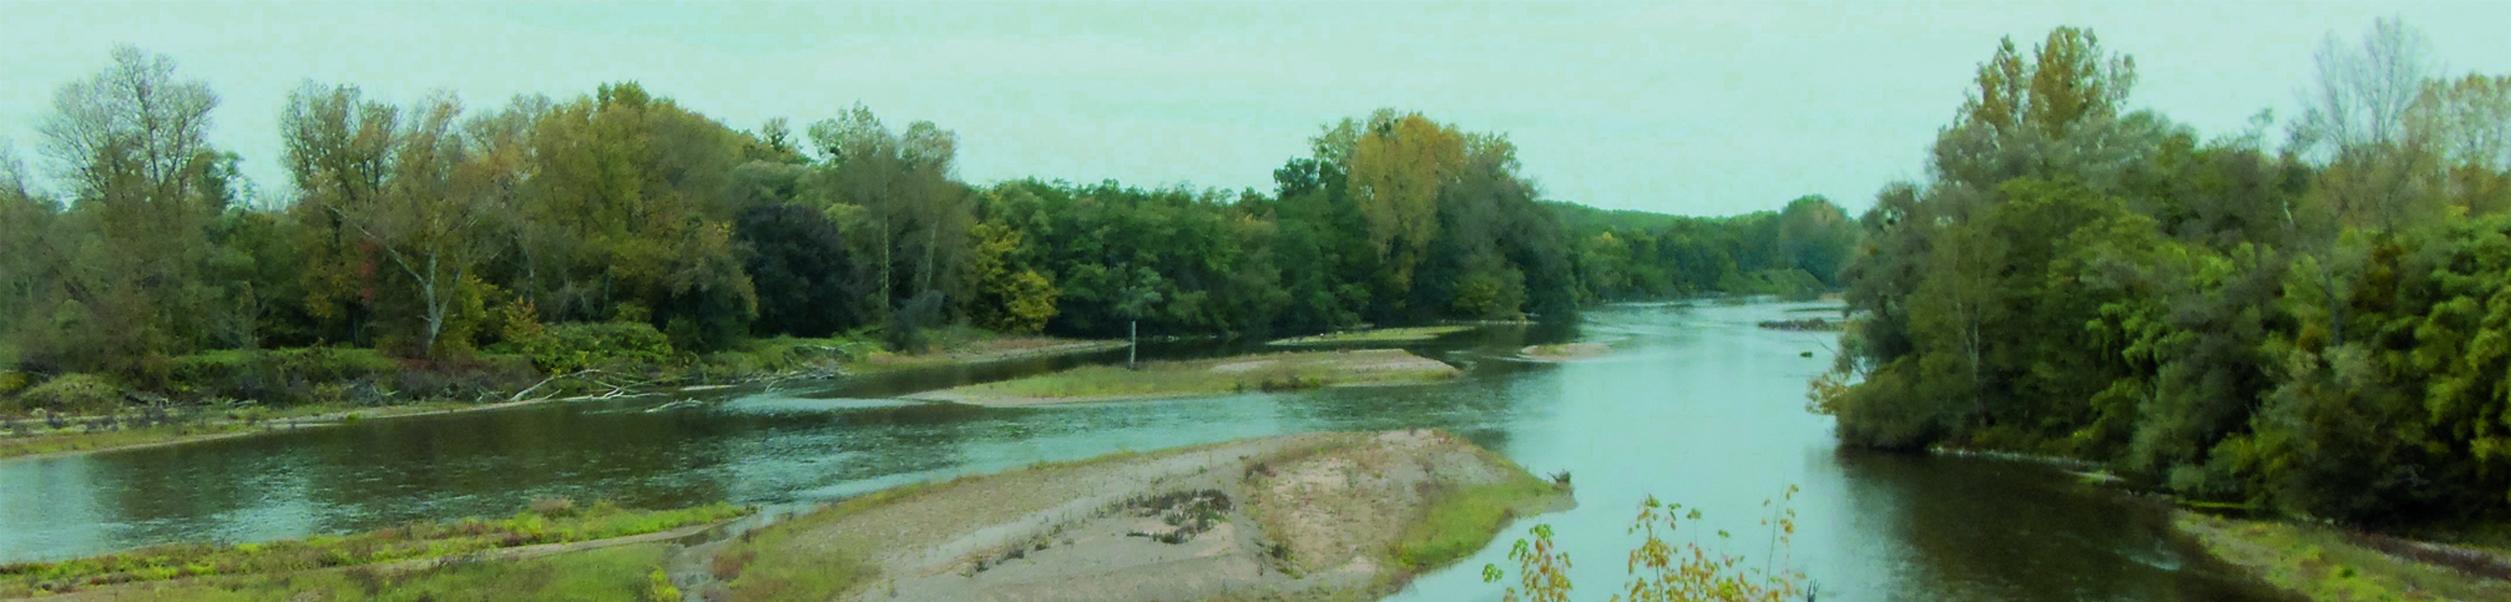 (rivieren)landschap